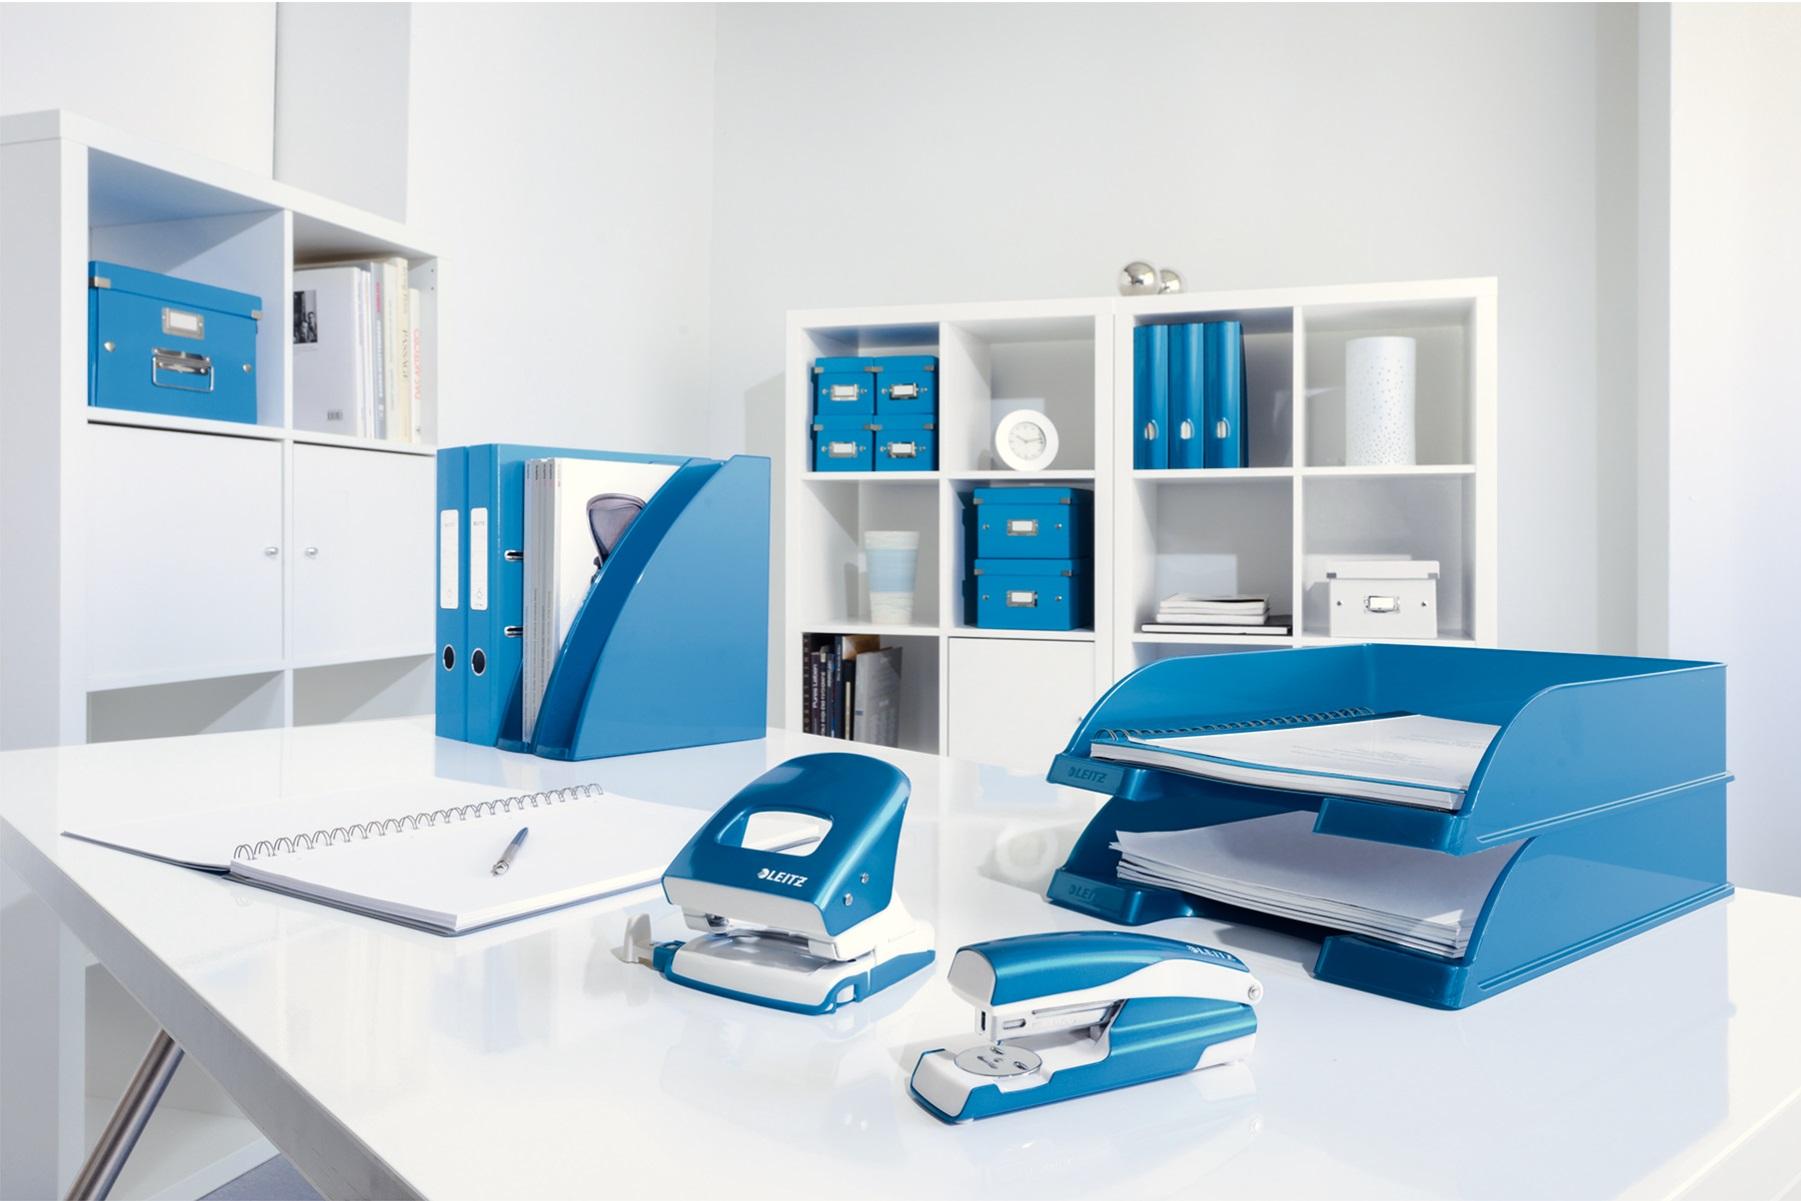 Descriere Capsator metalic de birou, pentru maxim 40 coli, capse 24/8, albastru, LEITZ 5504 NeXXt Series